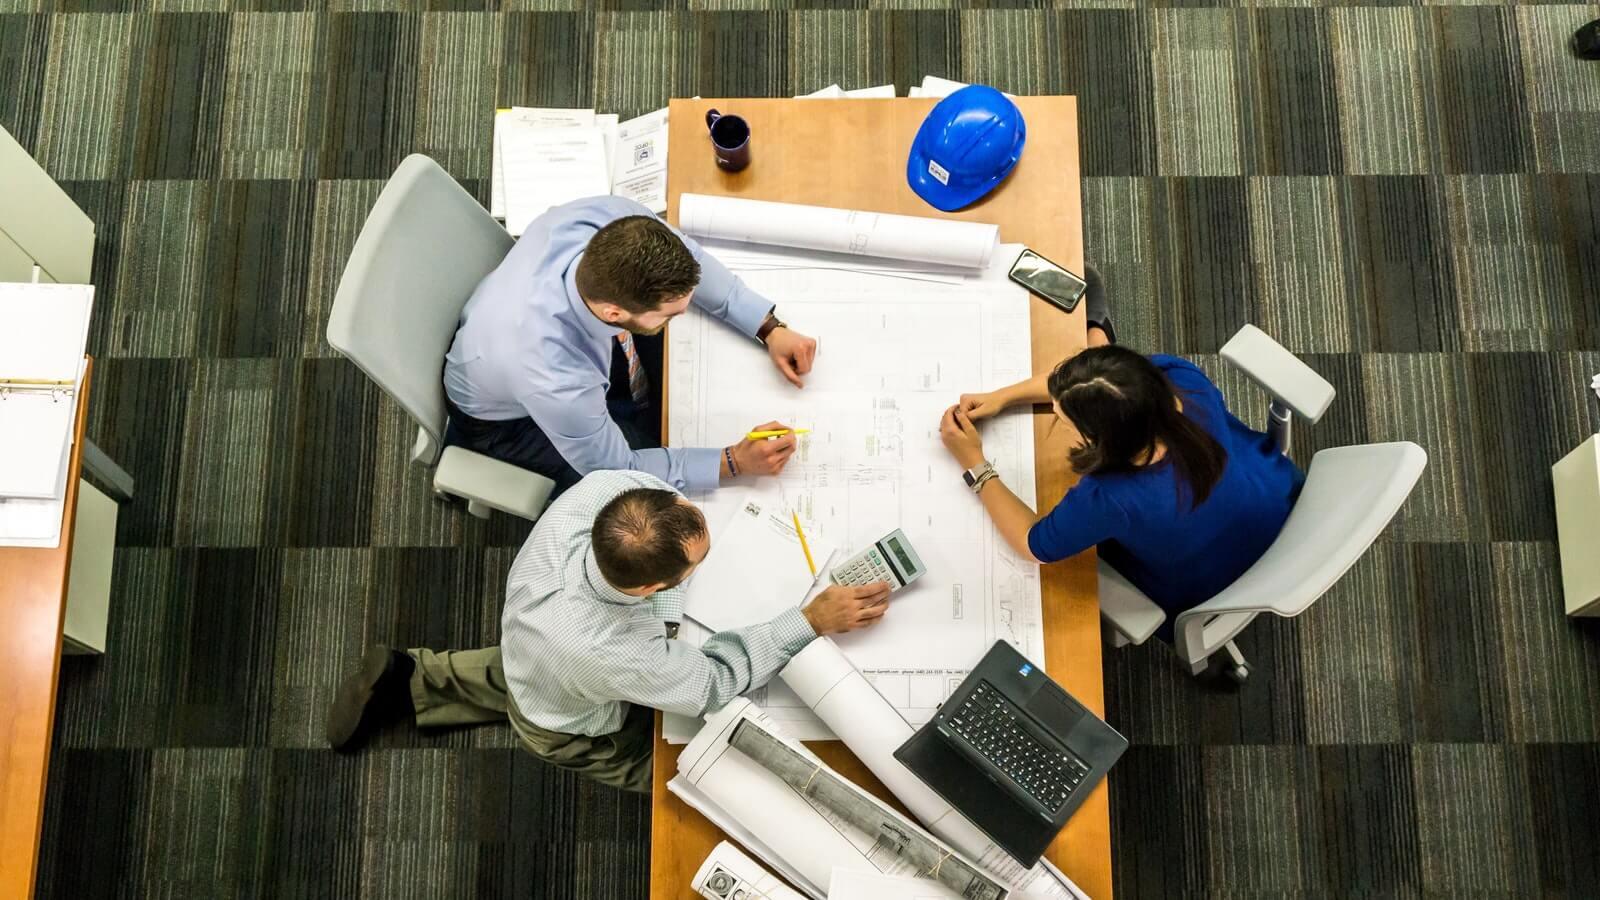 İnşaat Mühendisliği Lisans Programı 2019 Başarı Sıralamaları Burada!